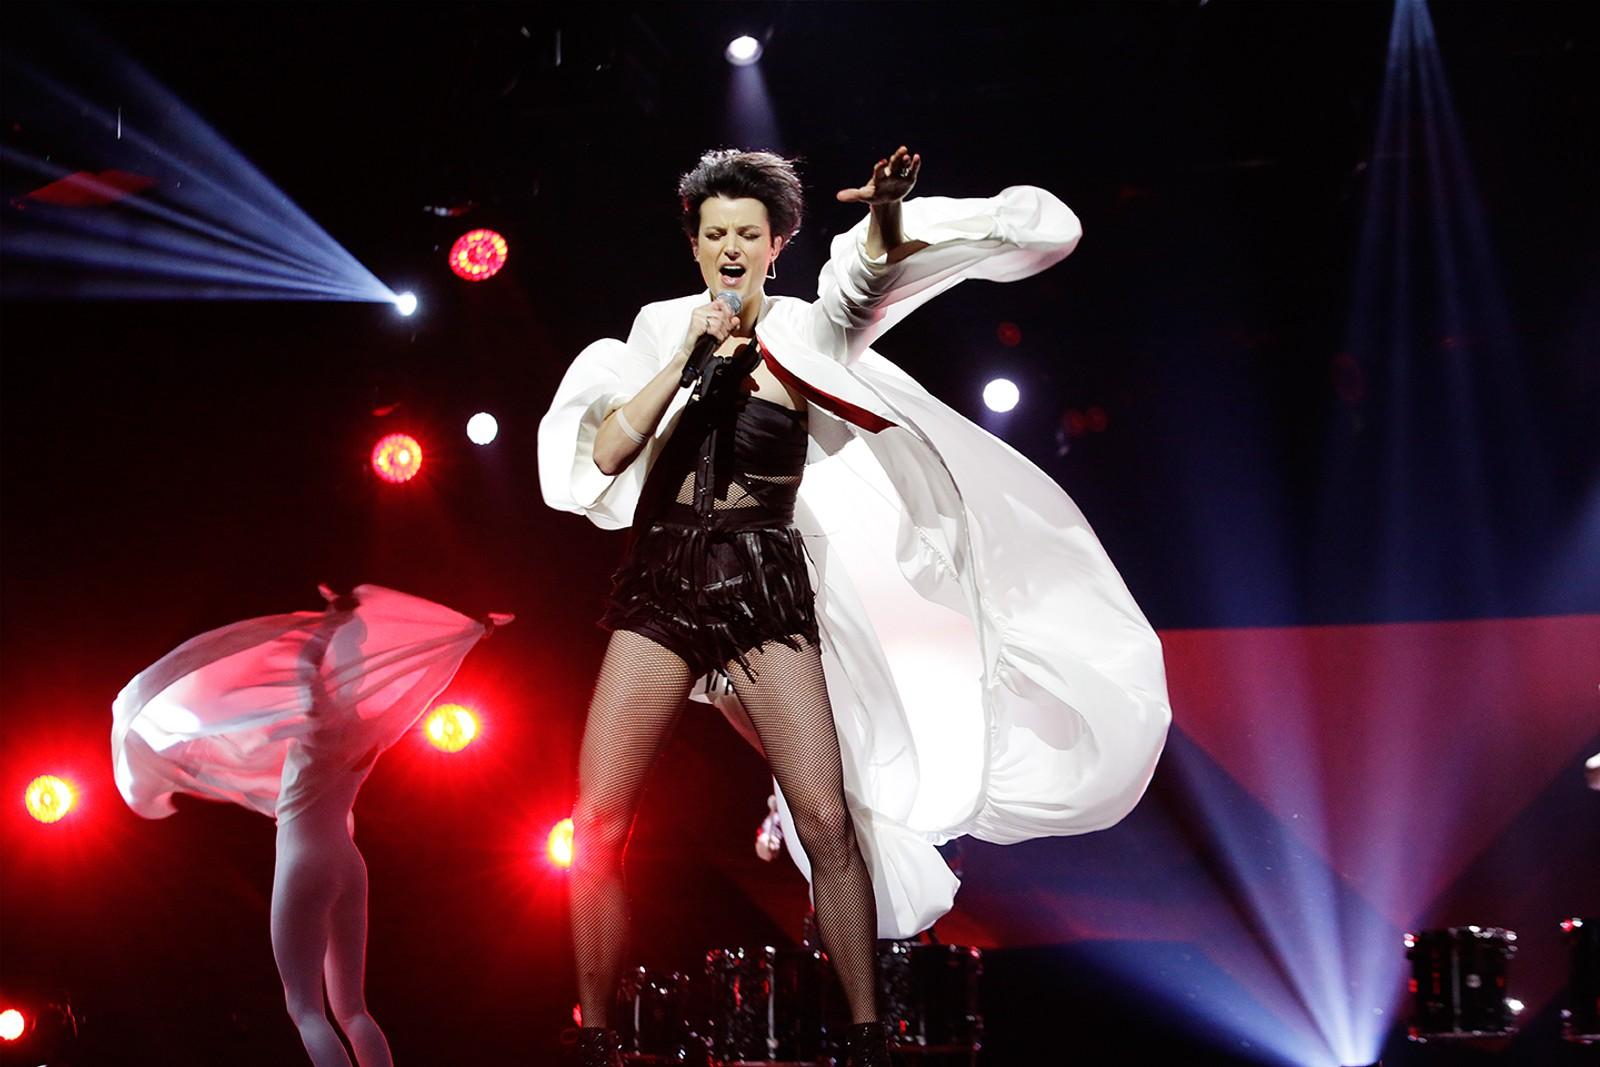 Bergensartisten Karin Park skrev «I Feed You My Love» som tok Margaret Berger til den internasjonale finalen i 2013. I år fremfører hun sin egen låt «Human Beings».